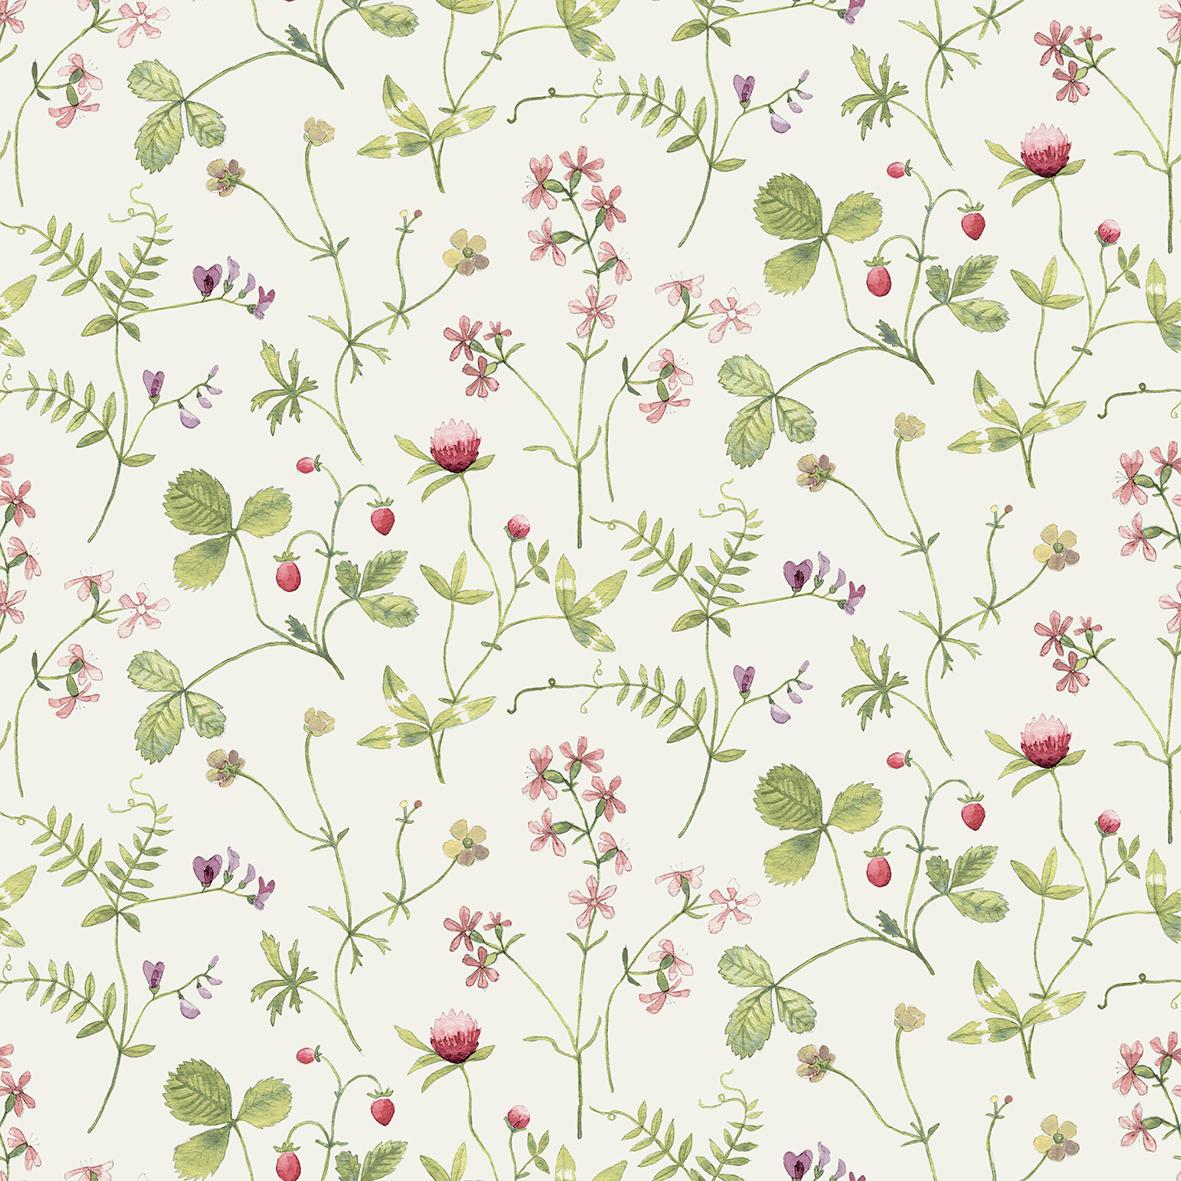 Tapetdesignen Julia som ängens vilda växter och blommor får bo i.